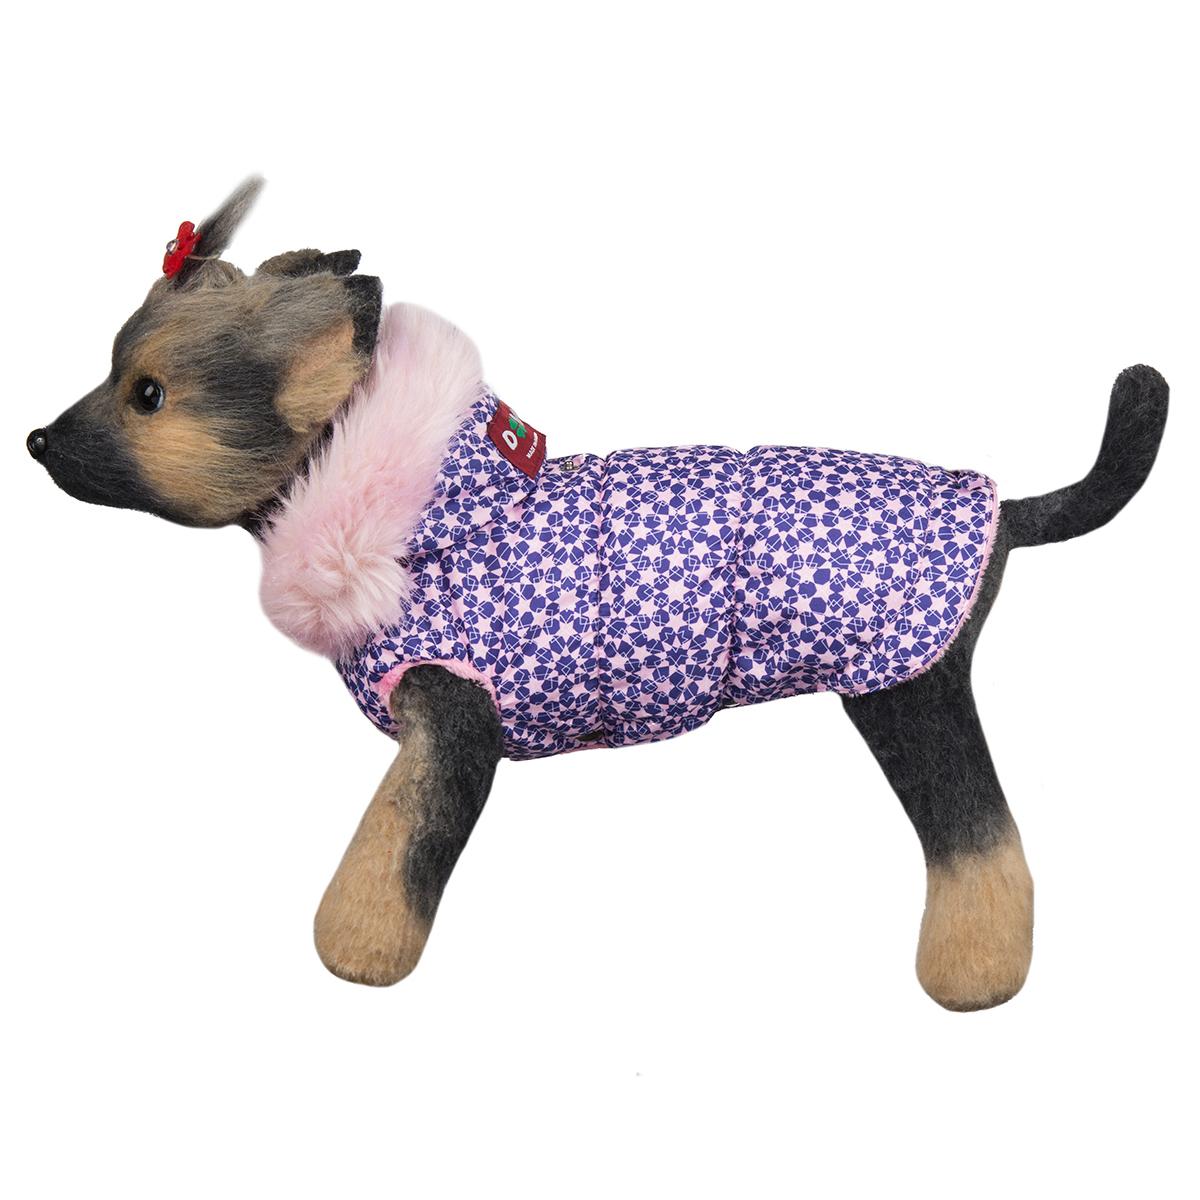 Куртка для собак Dogmoda Аляска, для девочки. Размер 5 (ХXL)DM-160290-5Аляска Dogmoda для собак (девочка) – изделие, изготовленное из полиэстера водоотталкивающего типа. Для подкладки был использован синтепон и искусственный мех. Светлые, мягкие и яркие тона аляски будут гармонировать с весёлостью и подвижностью домашнего любимца на прогулке. Одежда надёжно защитит собачку от пронизывающей зимней стужи и позволит от души наслаждаться свежим снегом и длительным пребыванием на прогулке в морозный день. Изделие легко надевается и снимается, не доставляя неприятных минут хозяину и его питомцу. Технология пошива аляски не стесняет движений и позволяет весело бегать наперегонки с четвероногими друзьями. Непрерывный теплообмен обеспечивает сохранение свежести кожного покрова, который у маленьких собачек особенно чувствителен и уязвим. Аляски входят в число наиболее востребованной одежды для маленьких и жизнерадостных питомцев. Свобода движений и ощущение тепла и комфорта – что ещё нужно для хорошей прогулки?